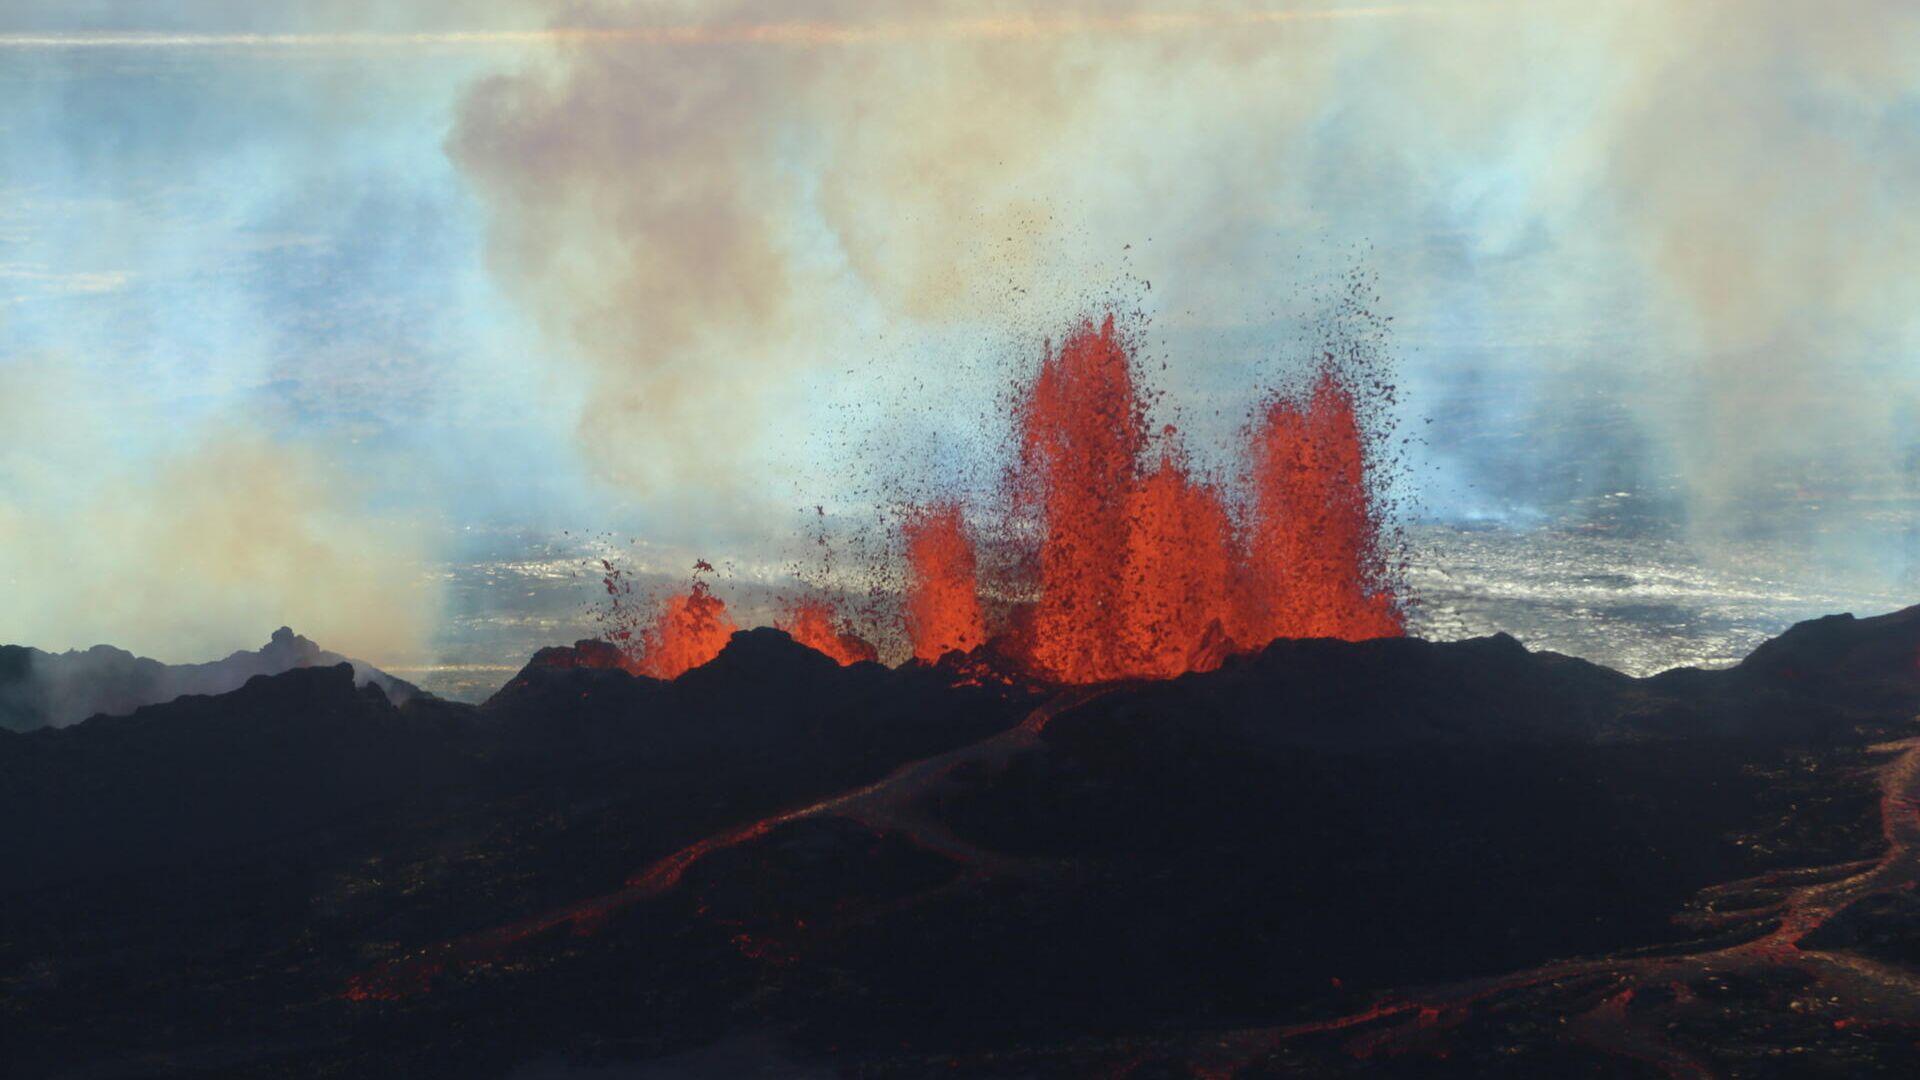 Una erupción del volcán islandés Bardarbunga en 2014 - Sputnik Mundo, 1920, 09.03.2021